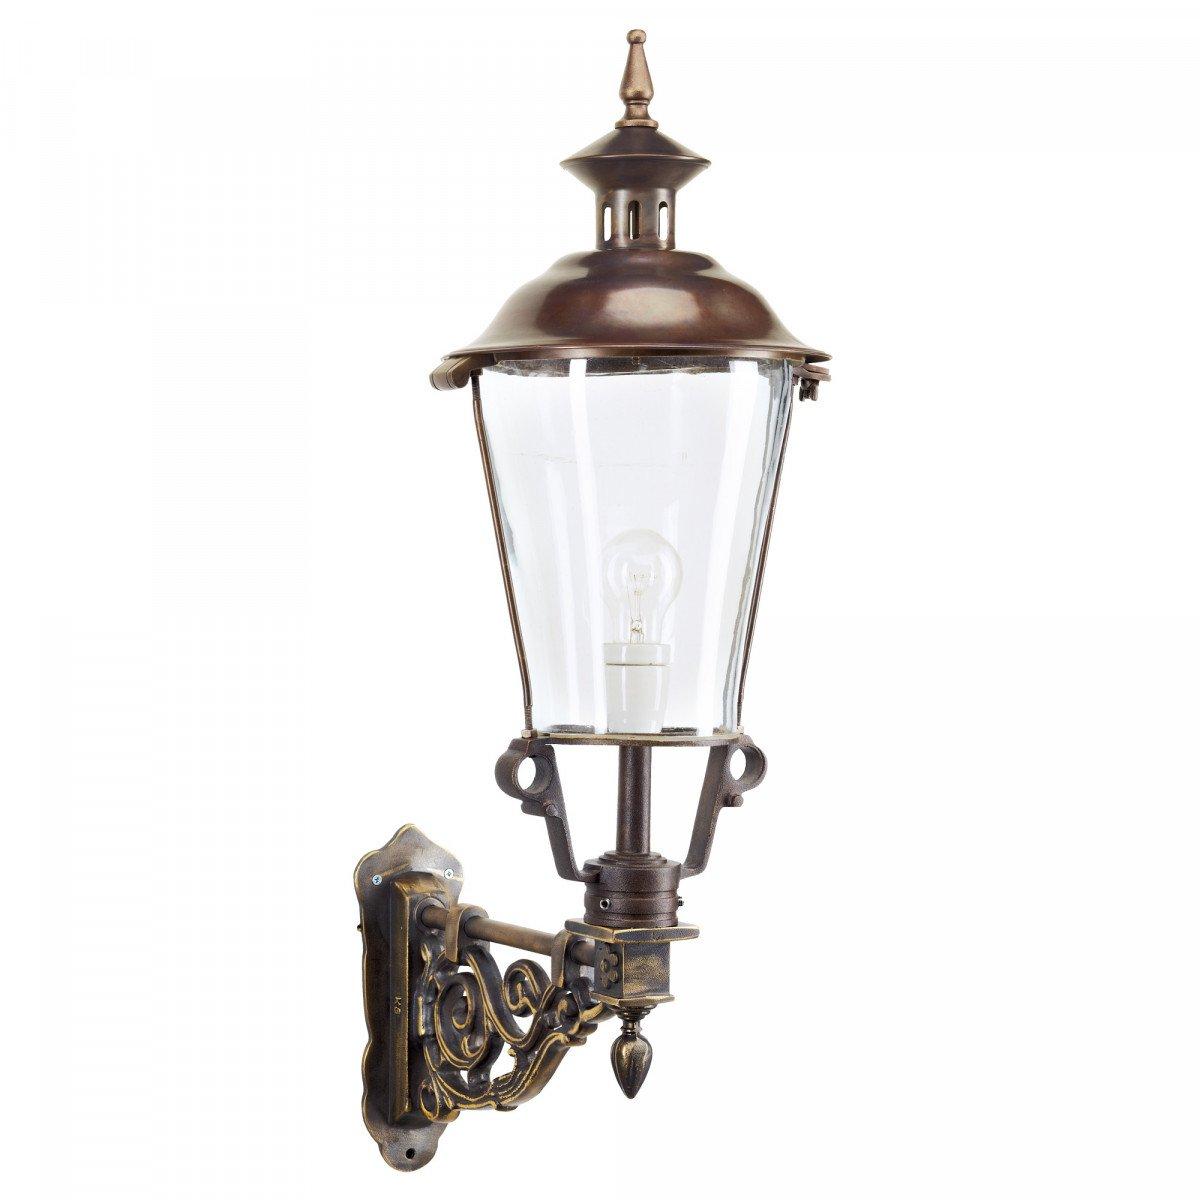 Klassiek bronzen buitenverlichting van KS Verlichting de muurlamp Koudekerke een buitenlamp in klassiek landelijke stijl